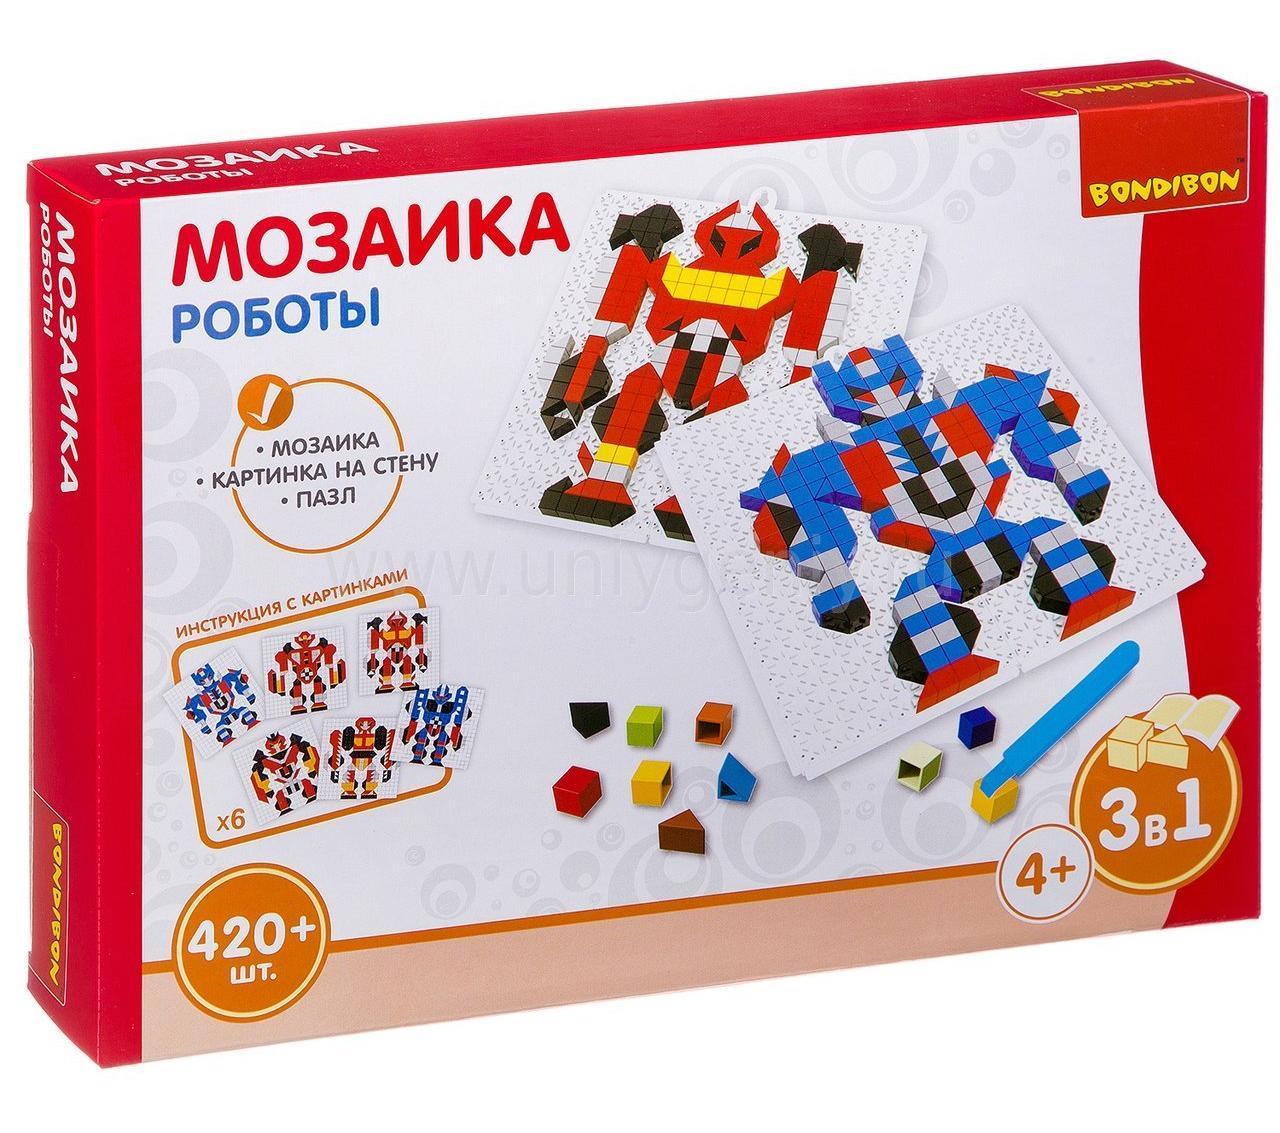 Мозаика Colorplast Bondibon Роботы 420 деталей